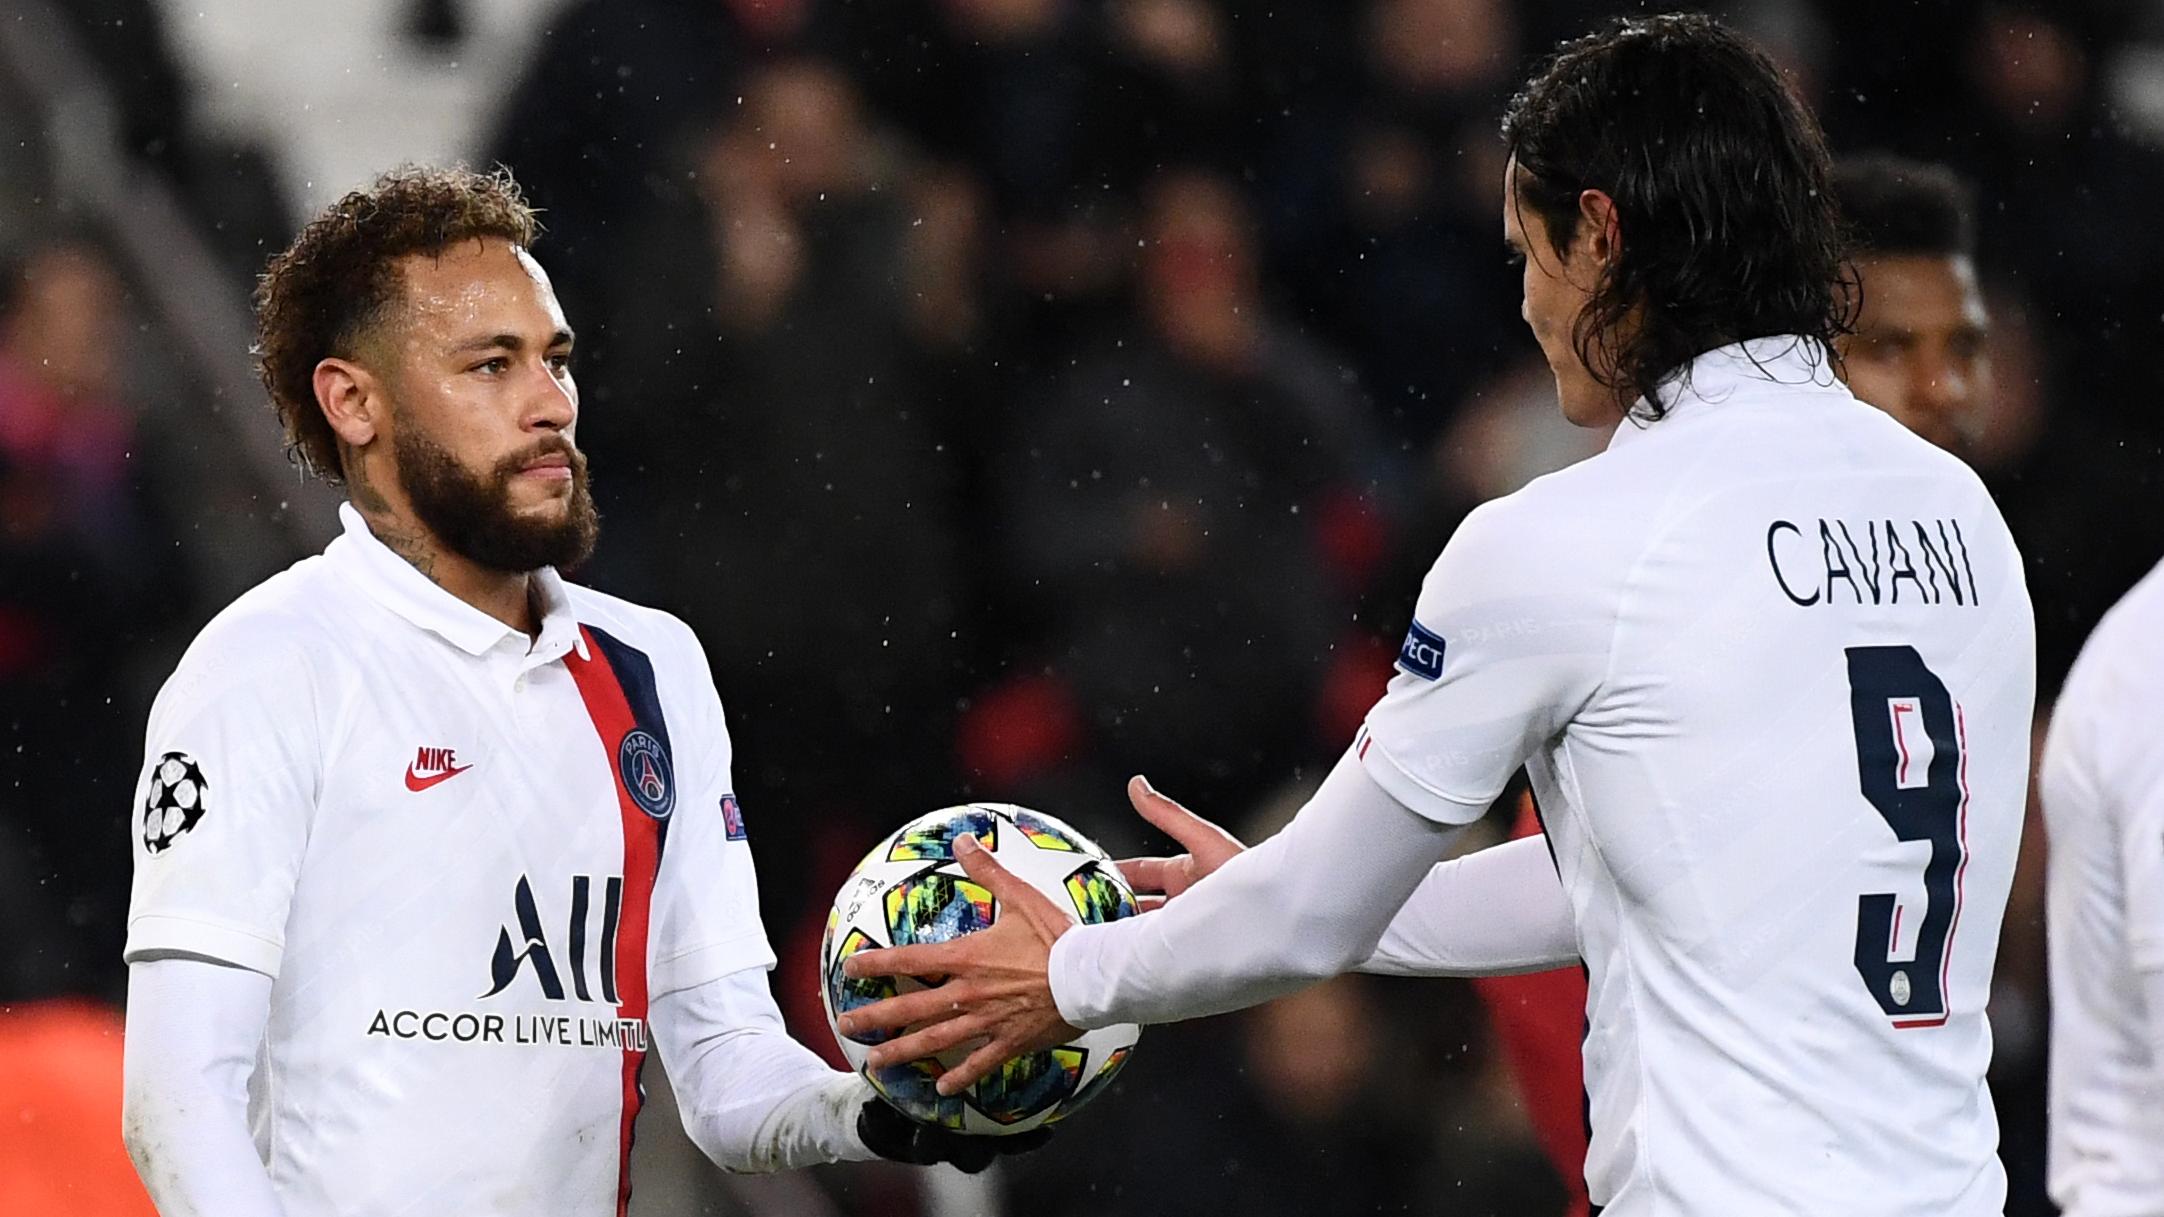 OL-PSG - Cavani encore préféré à Icardi, Neymar titulaire, Di Maria sur le banc